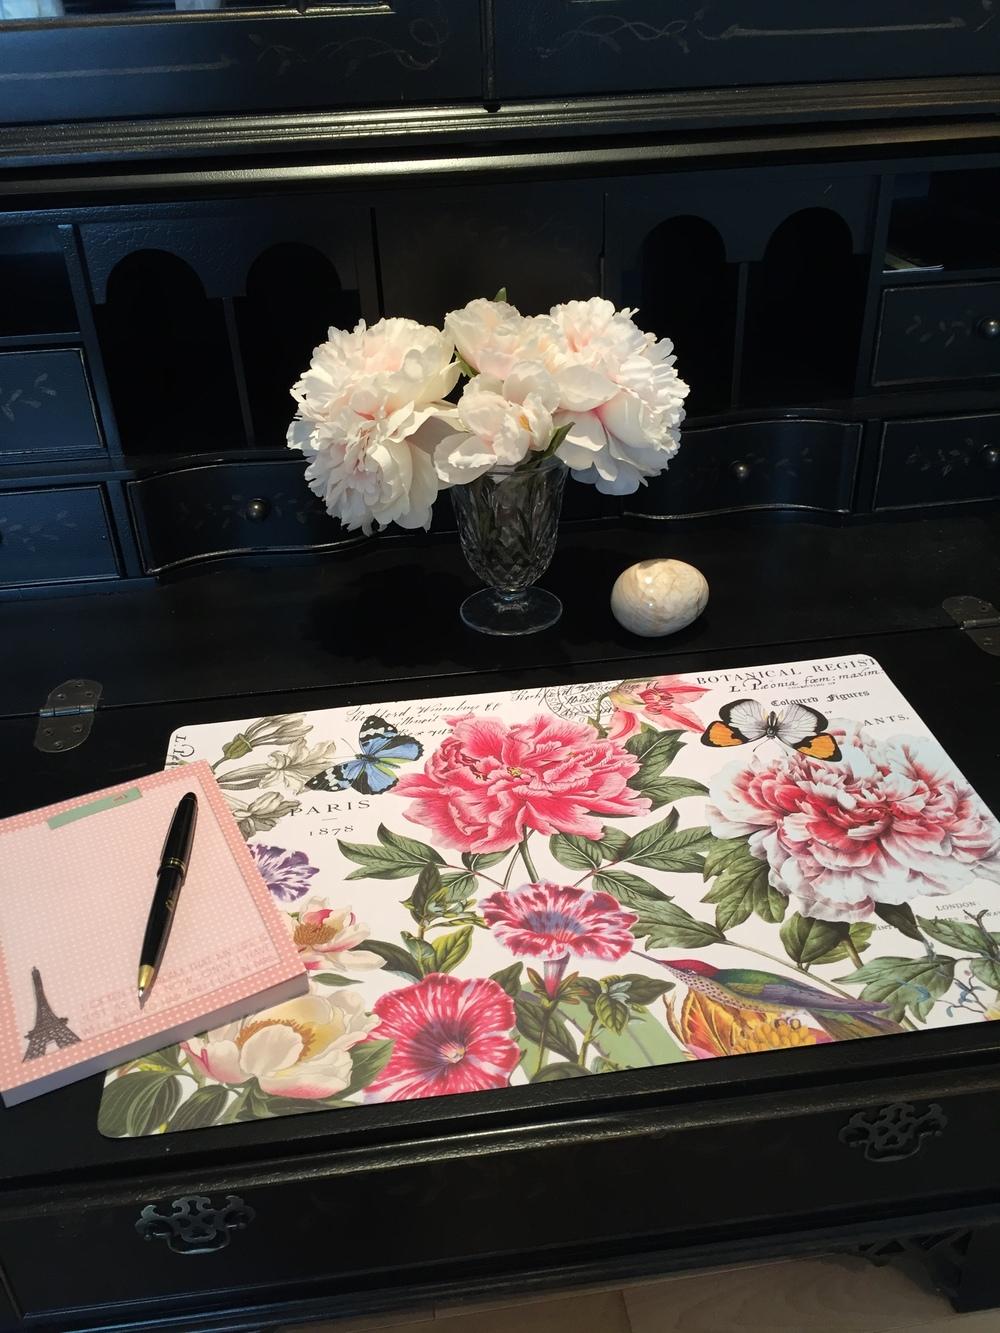 A desk blotter